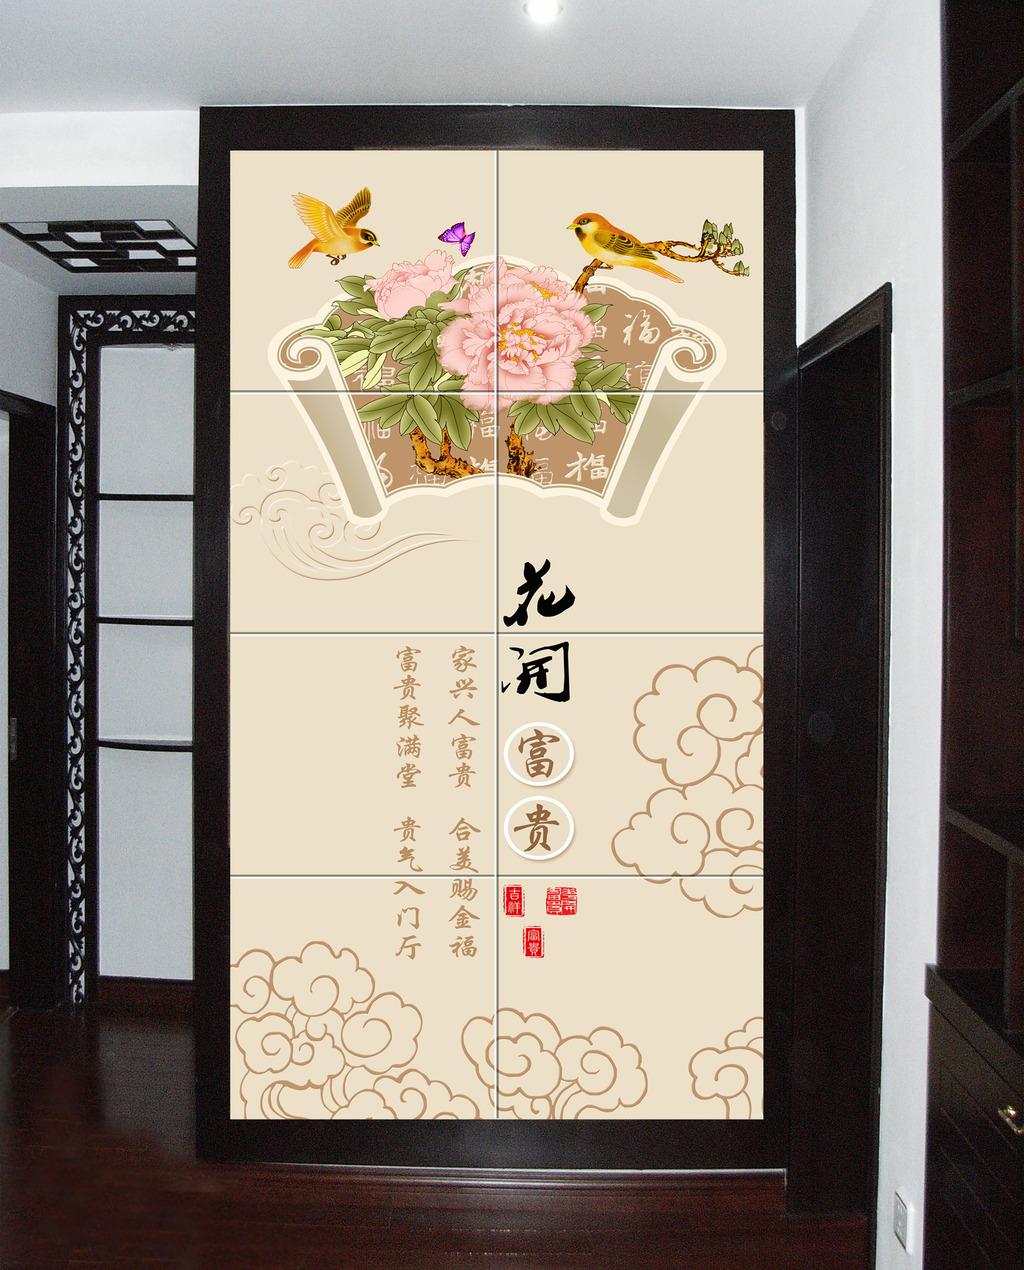 装修      电视墙 装饰画 中式 瓷砖背景墙 壁画 墙纸 壁纸 玄关 门厅图片